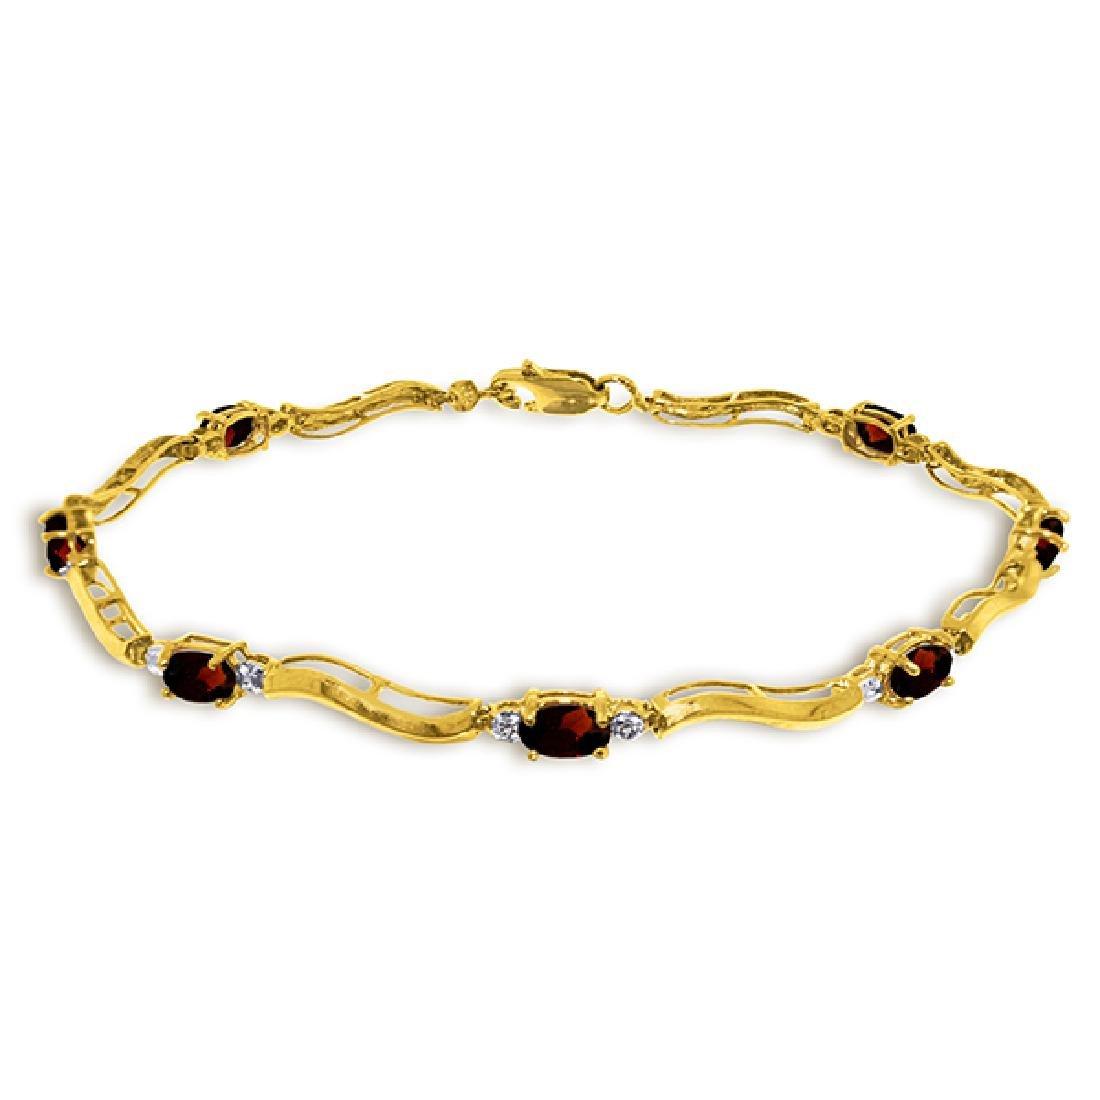 Genuine 2.01 ctw Garnet & Diamond Bracelet Jewelry 14KT